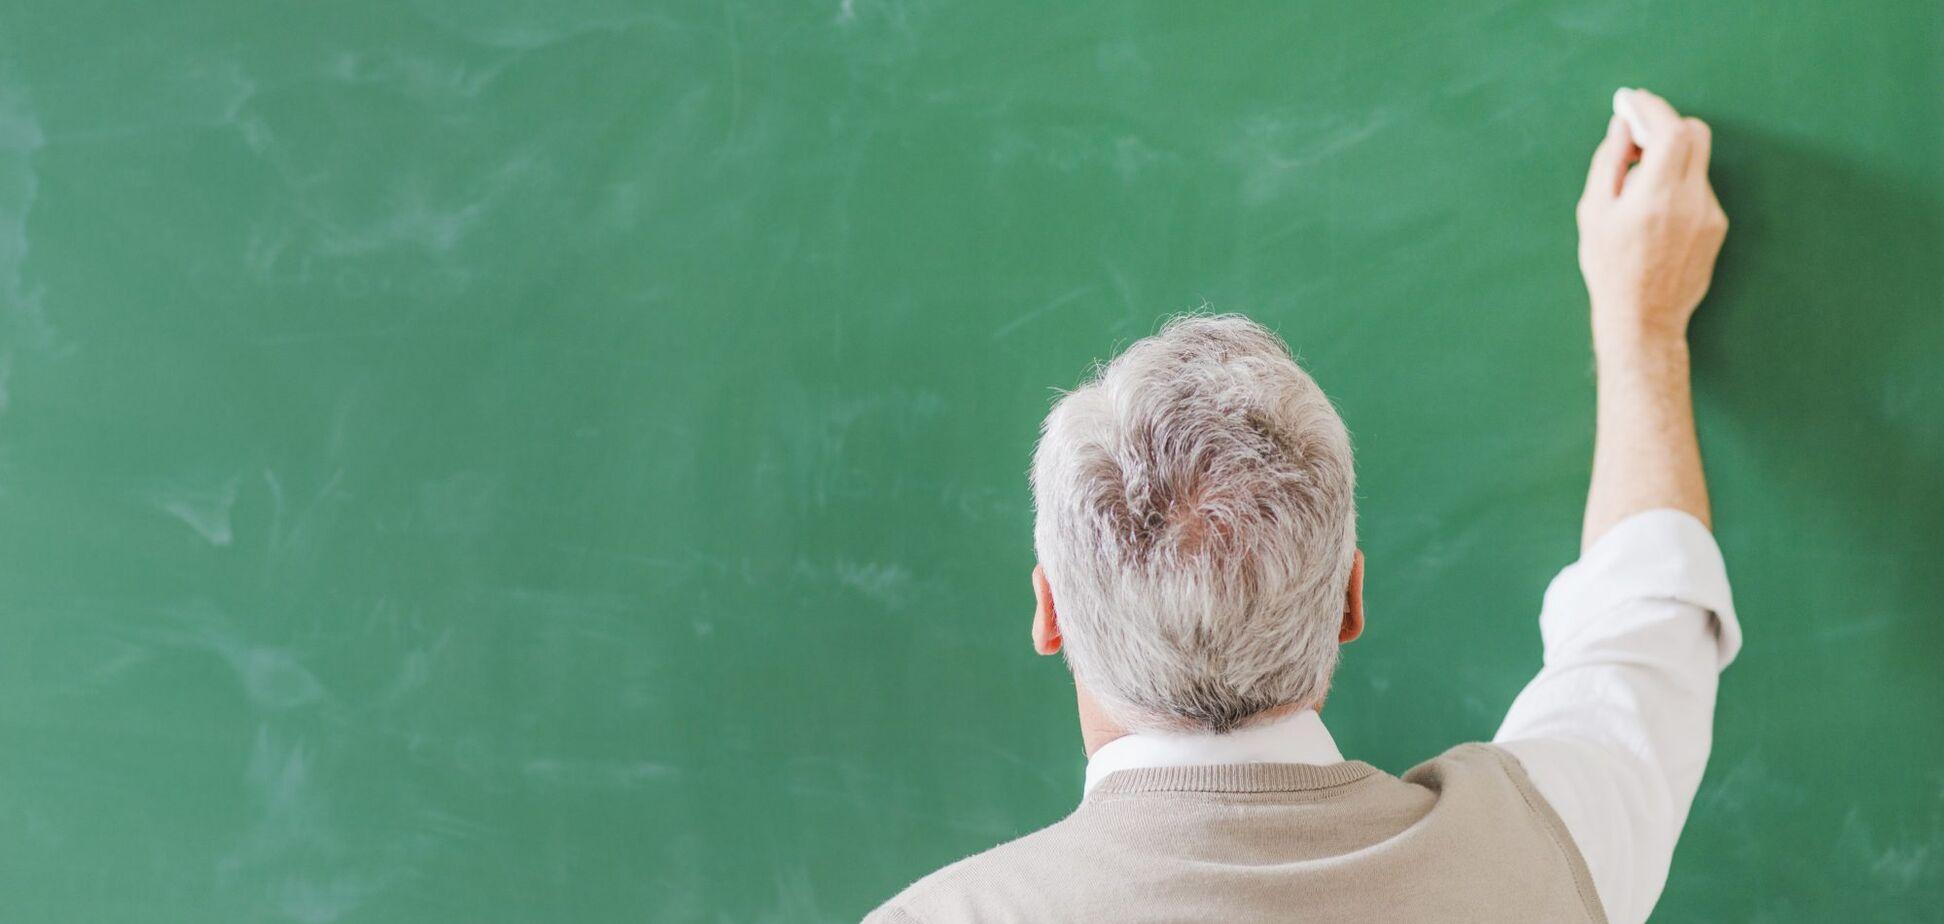 Для учителей пенсионного возраста вводят контракты